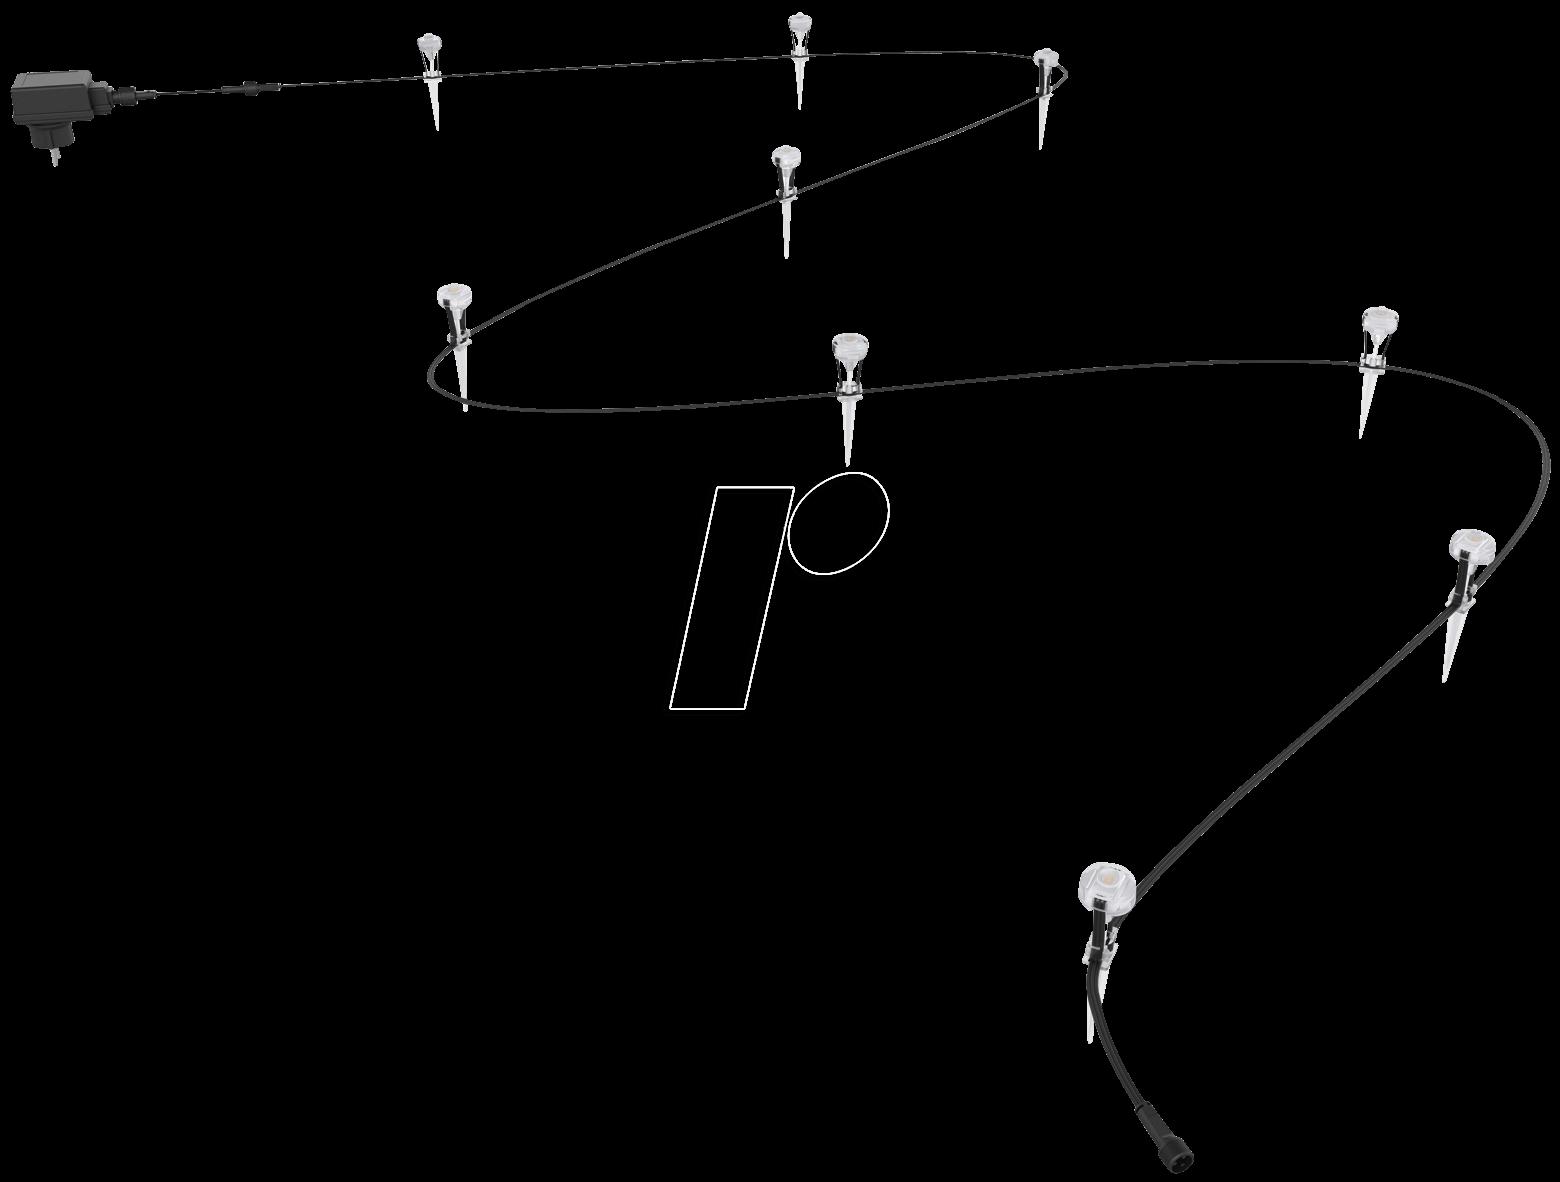 https://cdn-reichelt.de/bilder/web/xxl_ws/L700/OSRAM1999184_01.png